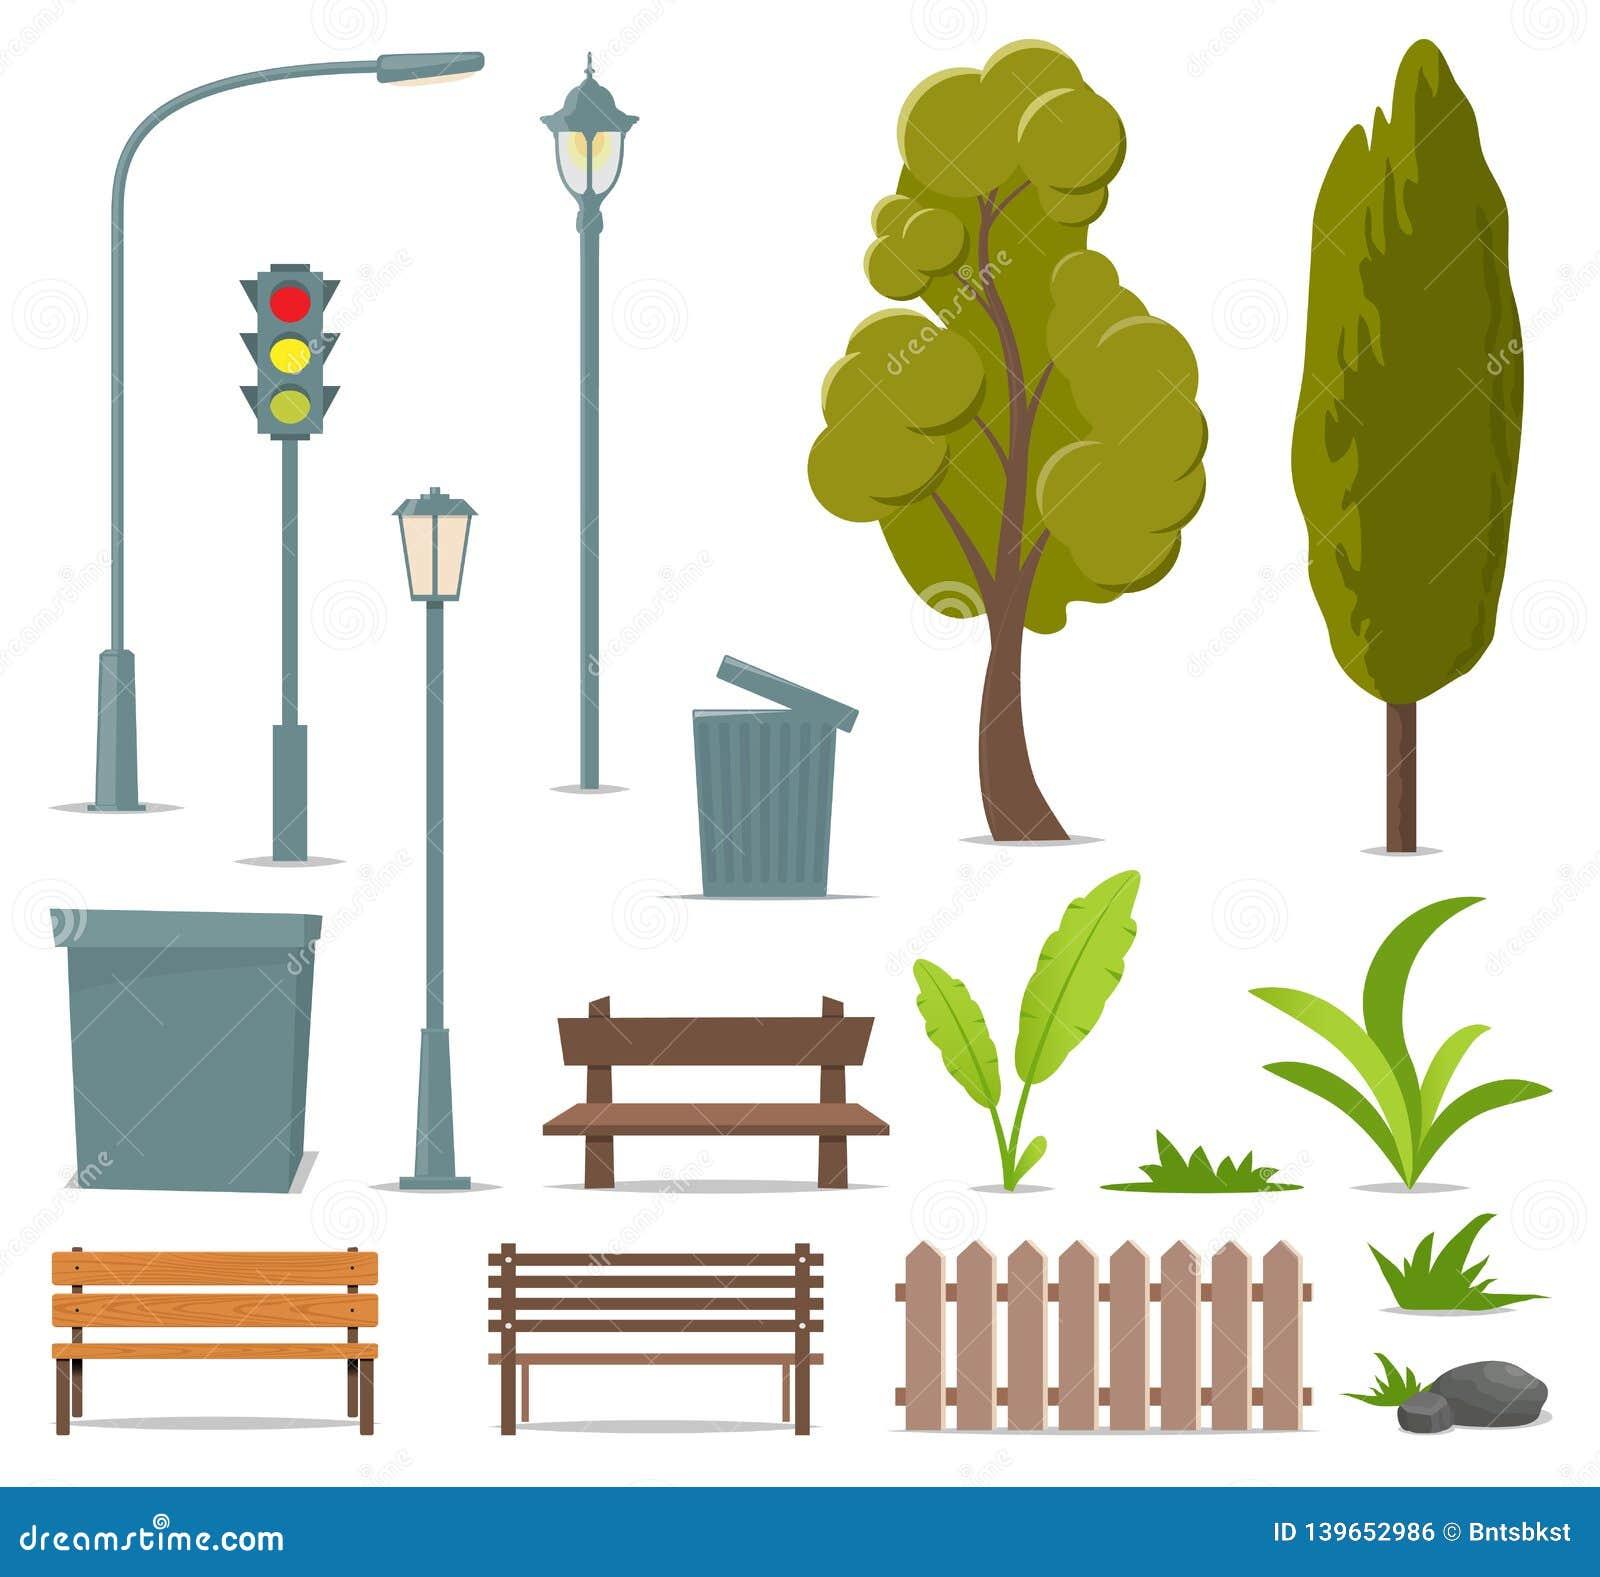 Stadt und Elemente im Freien Satz städtische Gegenstände Straßenlaterne, Ampel, Baum, Bank, Abfalleimer, Urne, Büsche, Gras, Anla